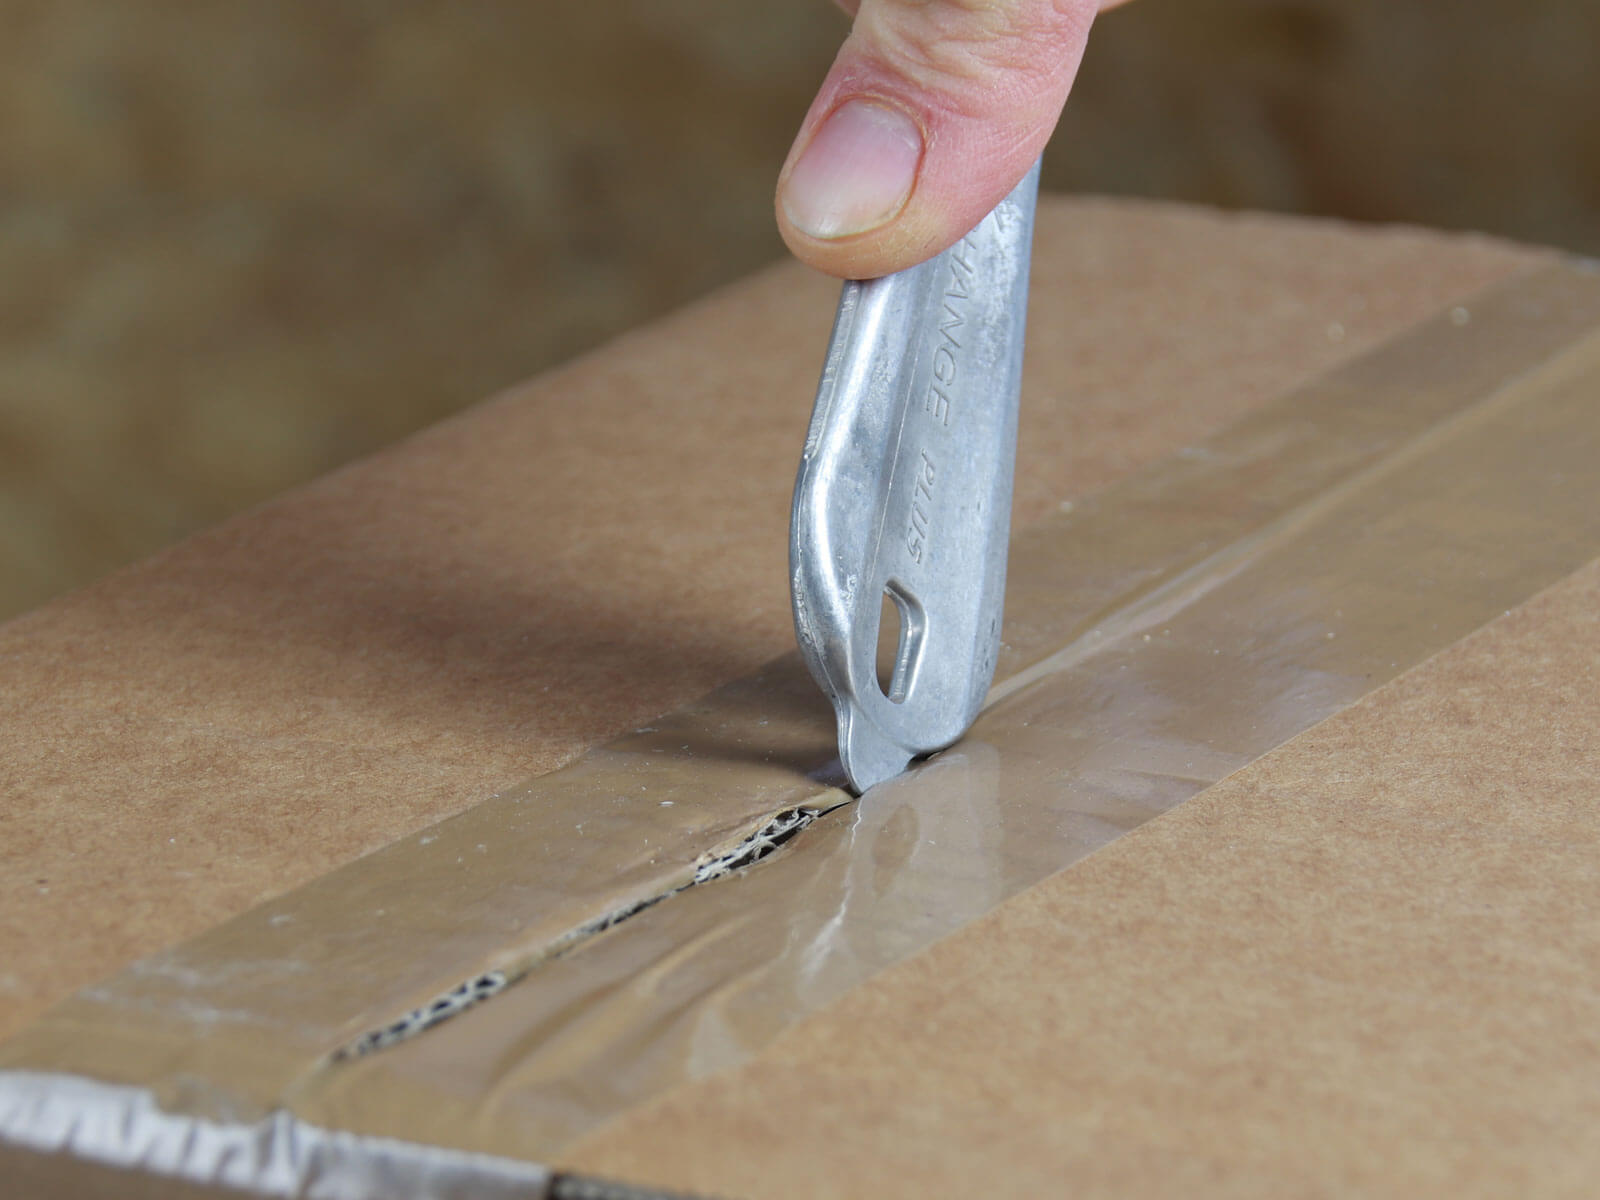 H032P Sicherheitsmesser Schutzhaken metall Klebeband schneiden Klebebandritzer CURT-tools